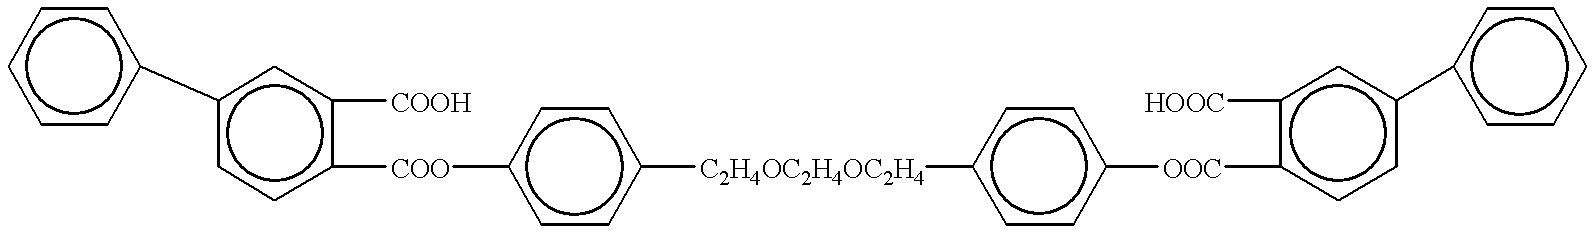 Figure US06180560-20010130-C00332